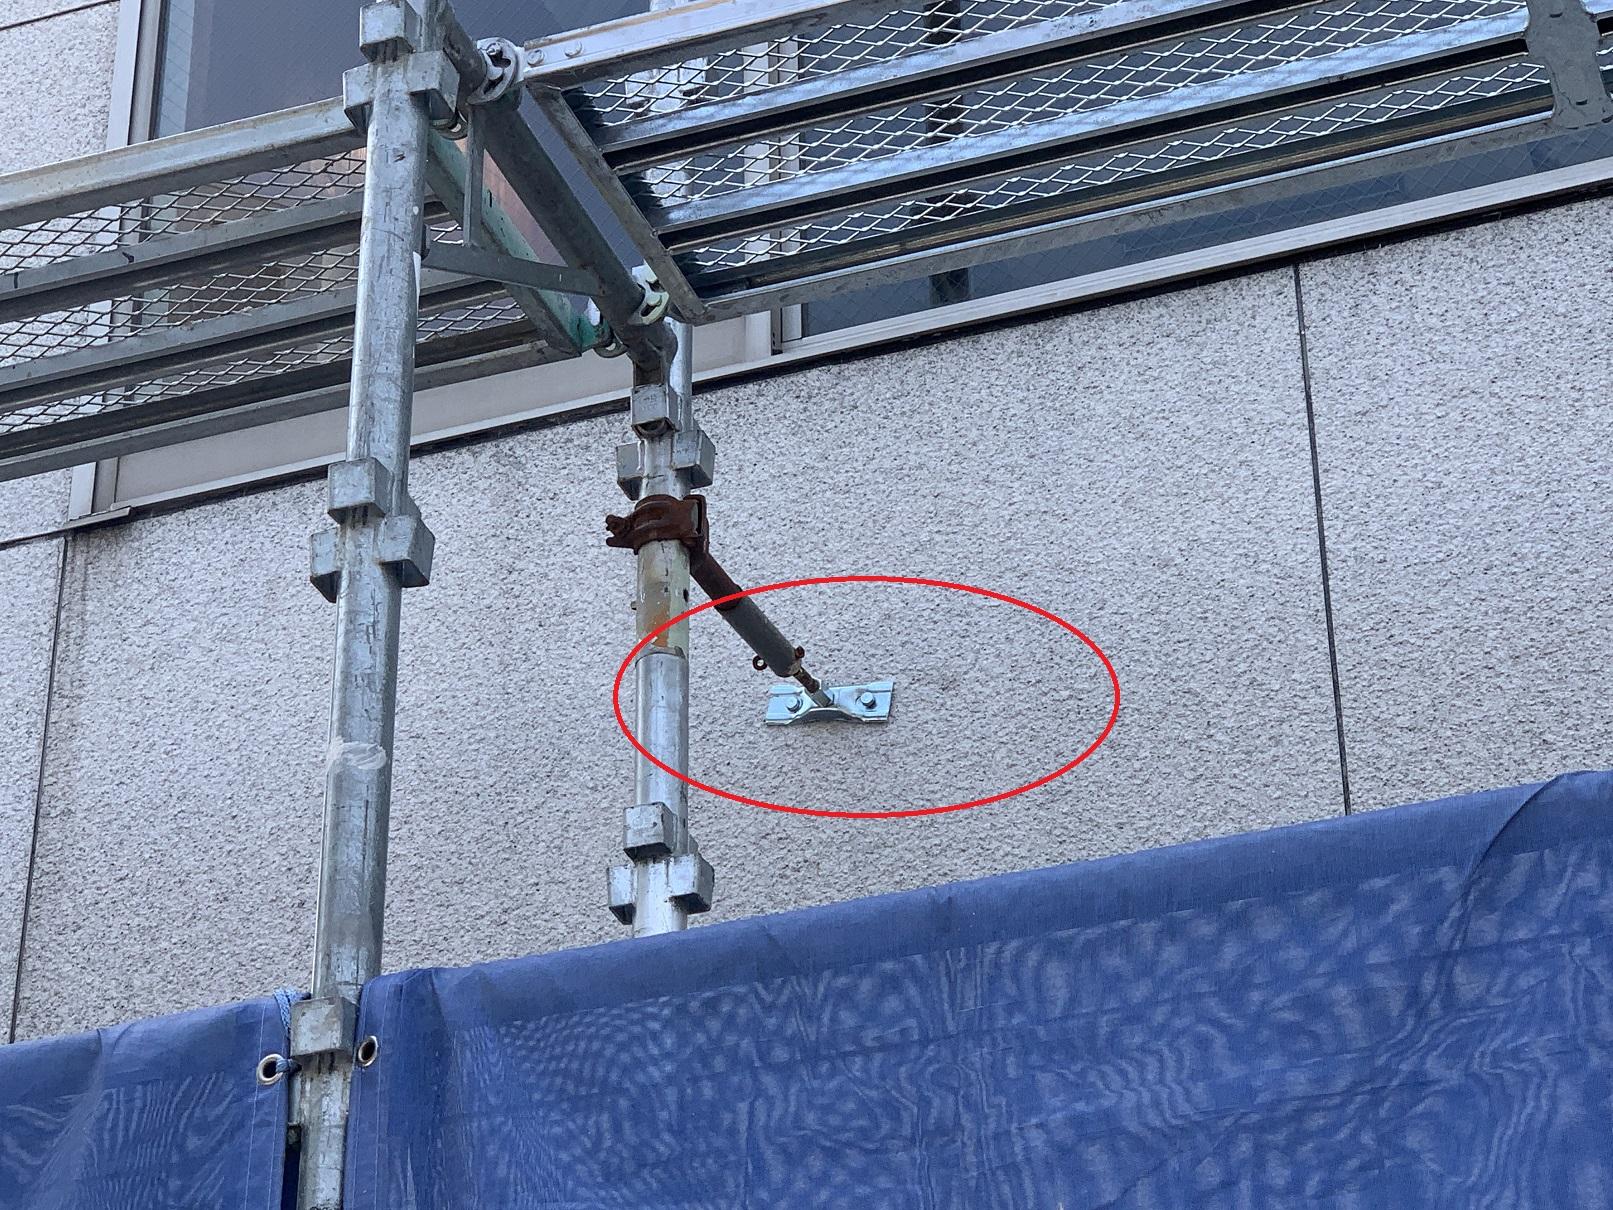 神戸市中央区での大規模修繕で仮設足場が倒れないように壁繋ぎをしている様子